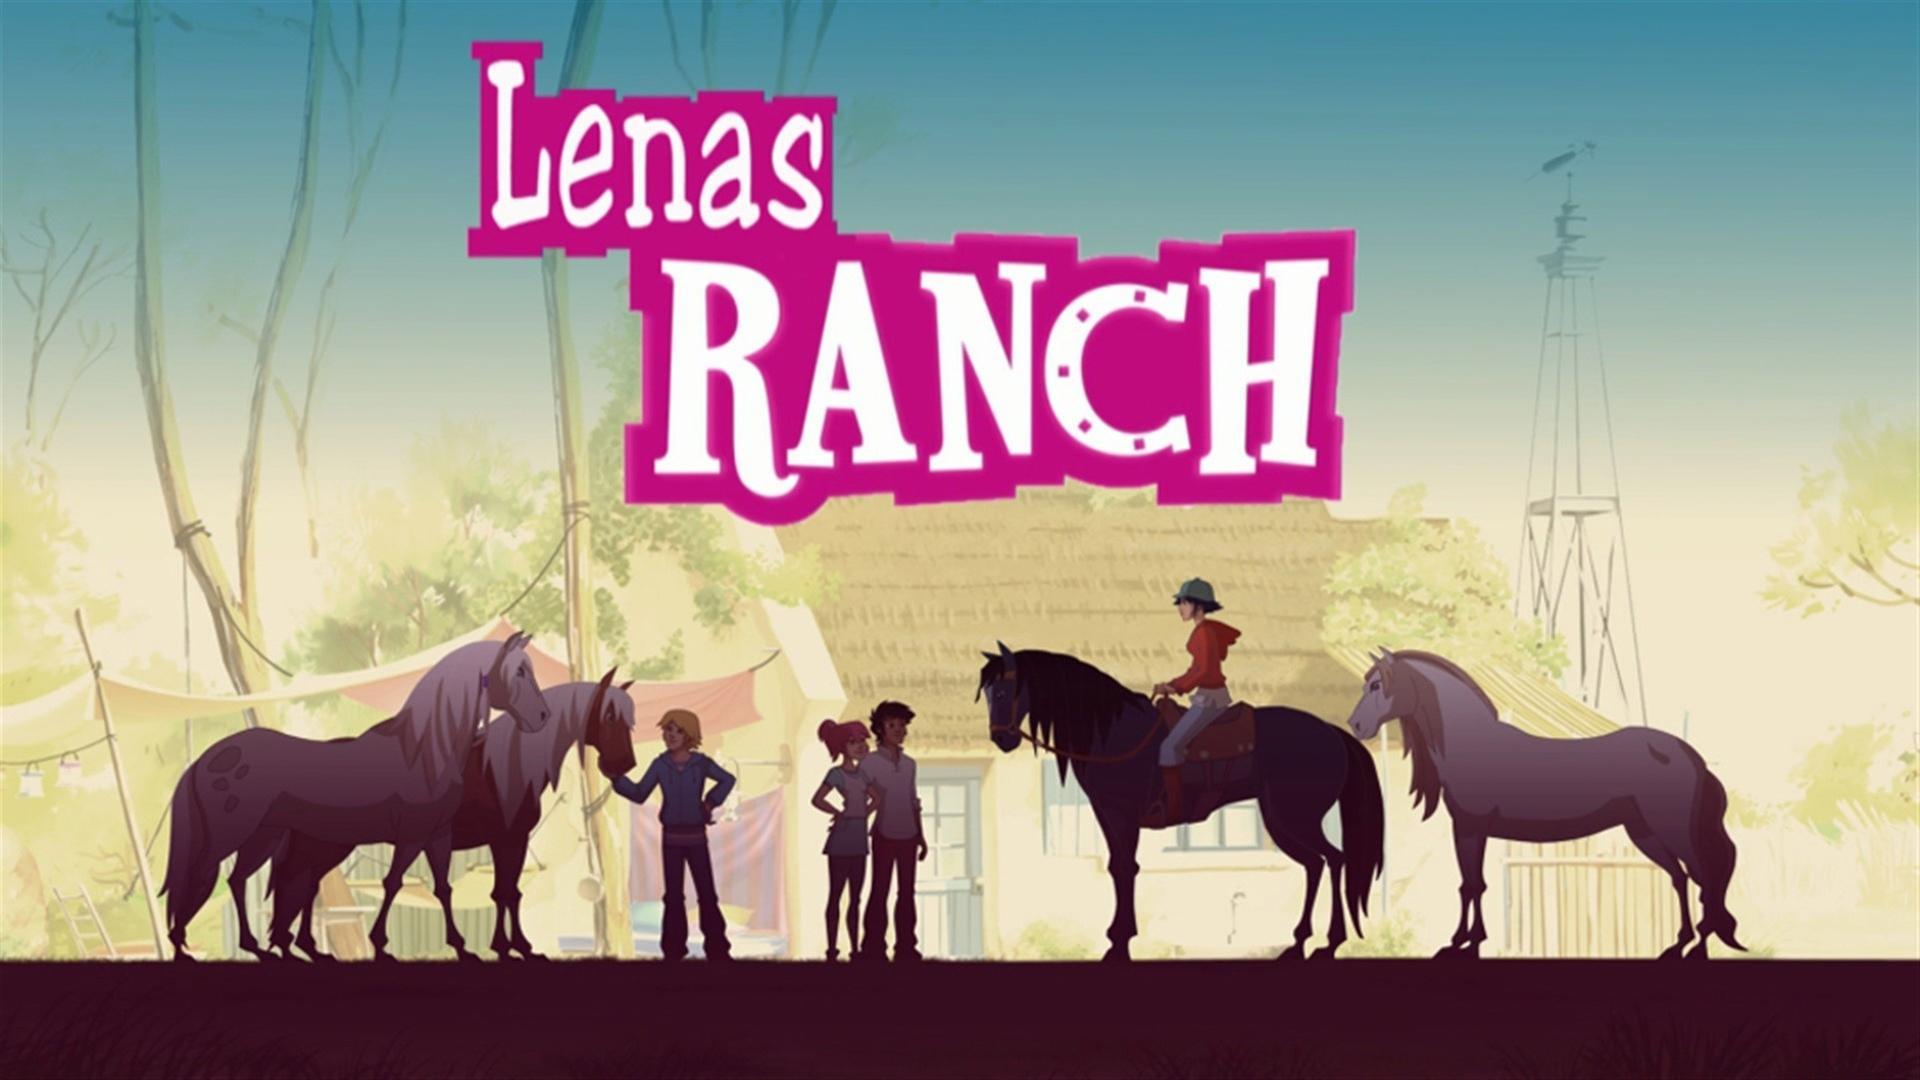 Kika Lenas Ranch